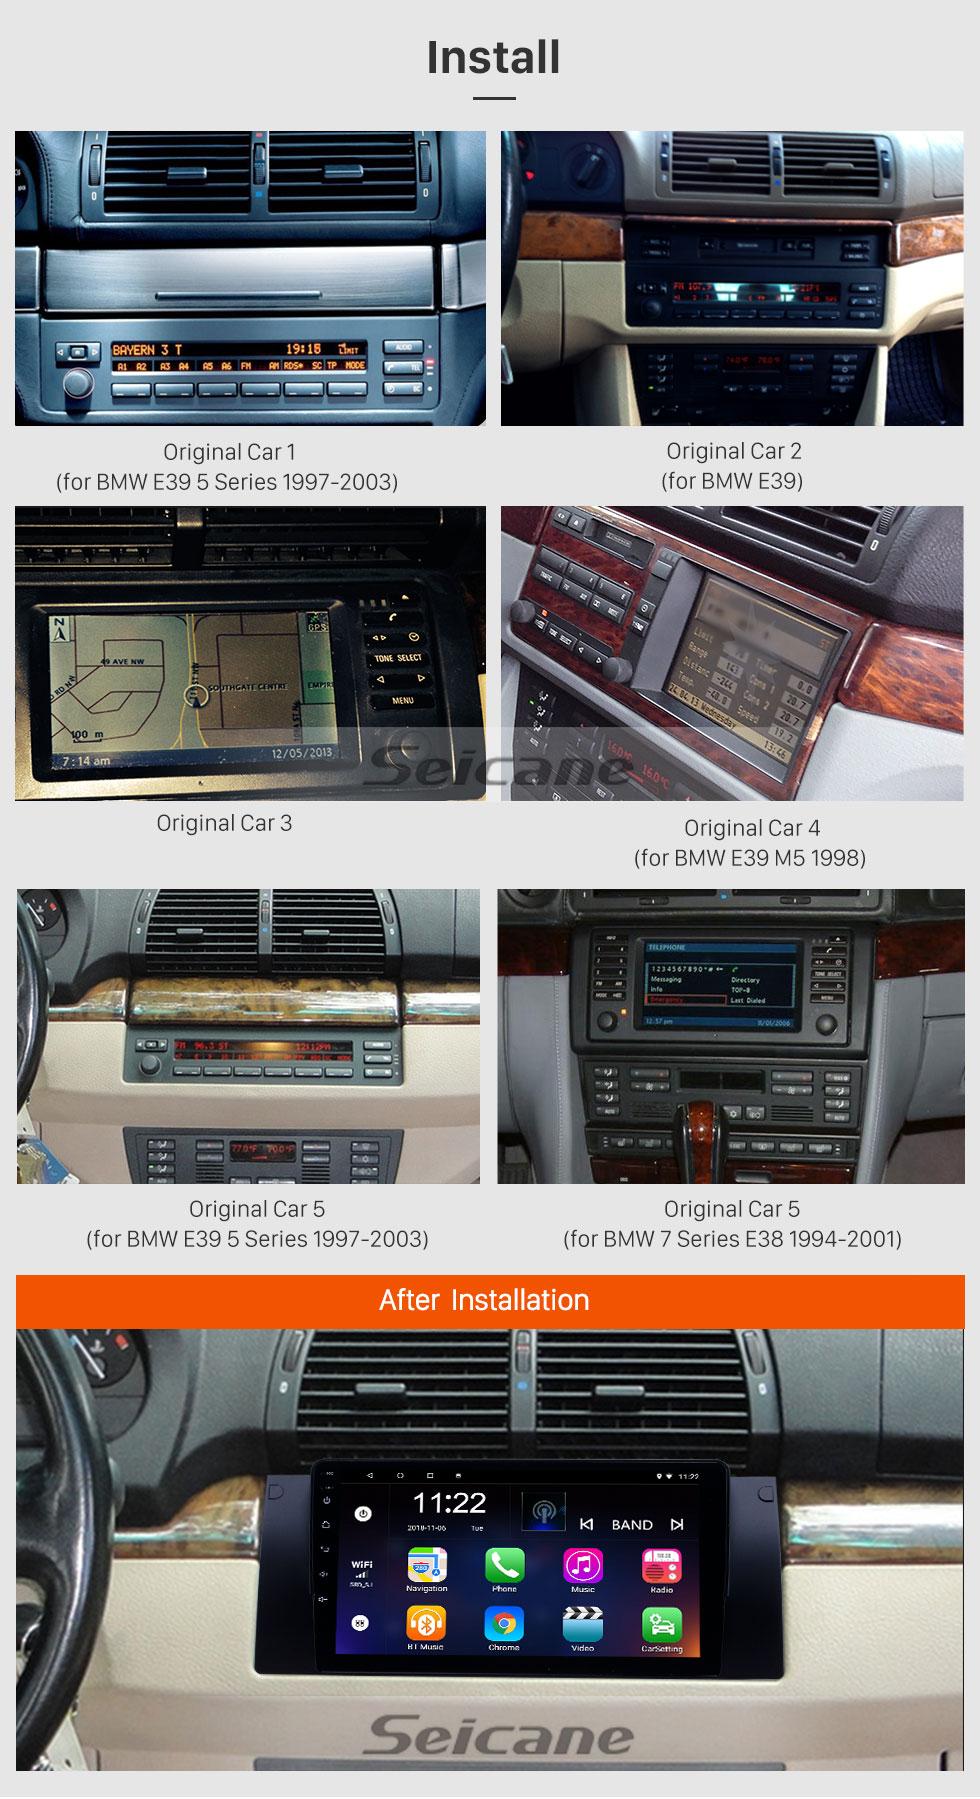 Seicane 1995-2003 BMW Série 5 E39 / X5 E53 Android 8.1 HD Touchscreen 9 polegadas AUX Bluetooth Navegação GPS suporte de rádio SWC Carplay